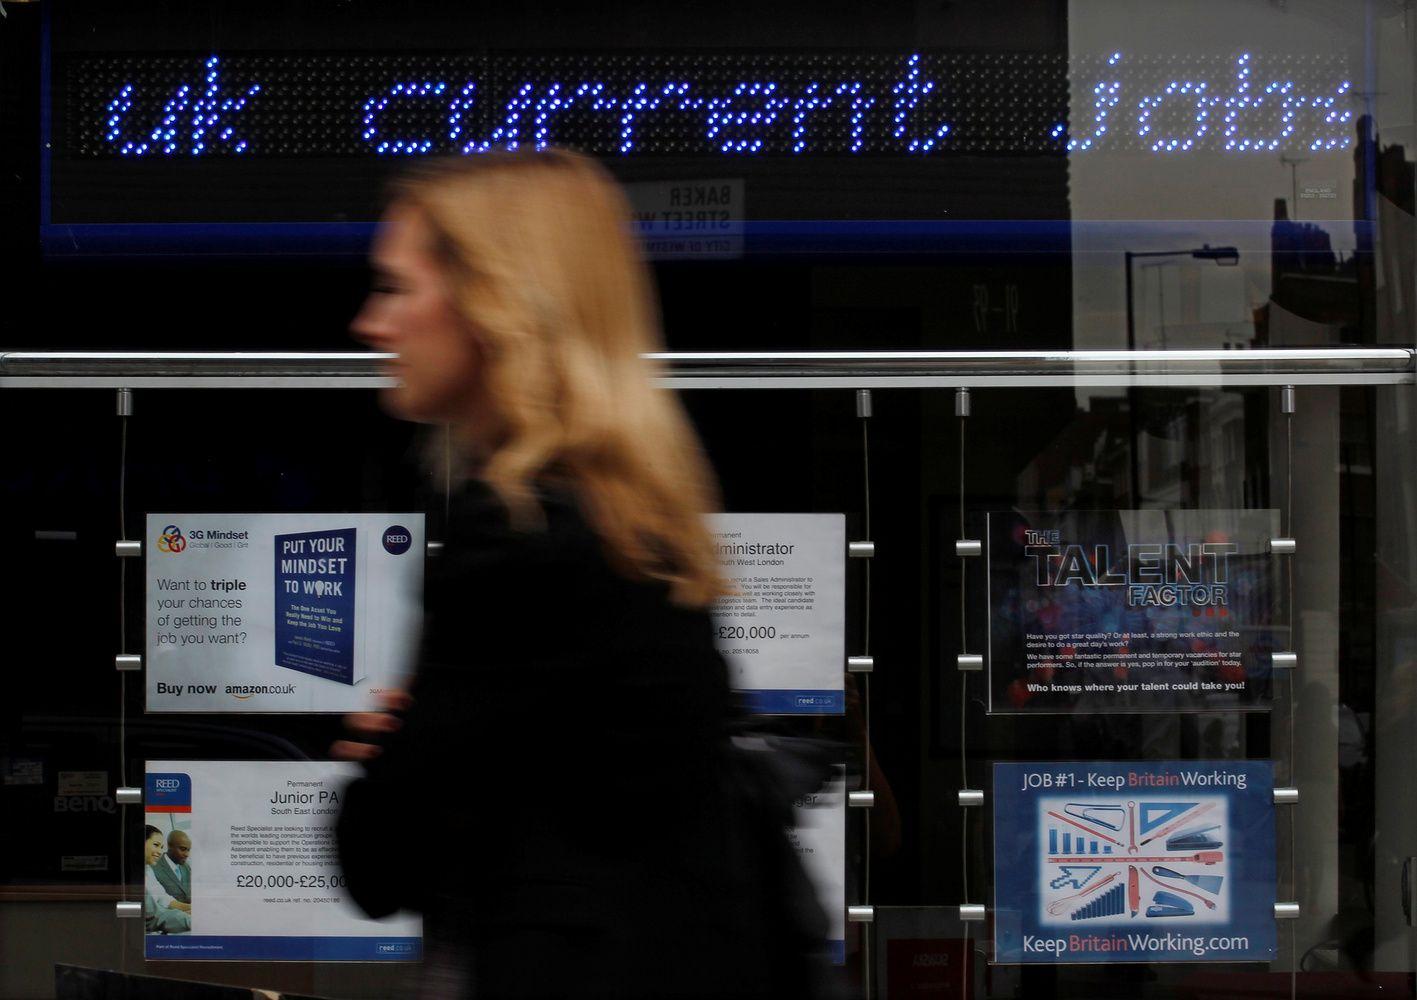 Mažiausias per 42 metus nedarbas britų nedžiugina